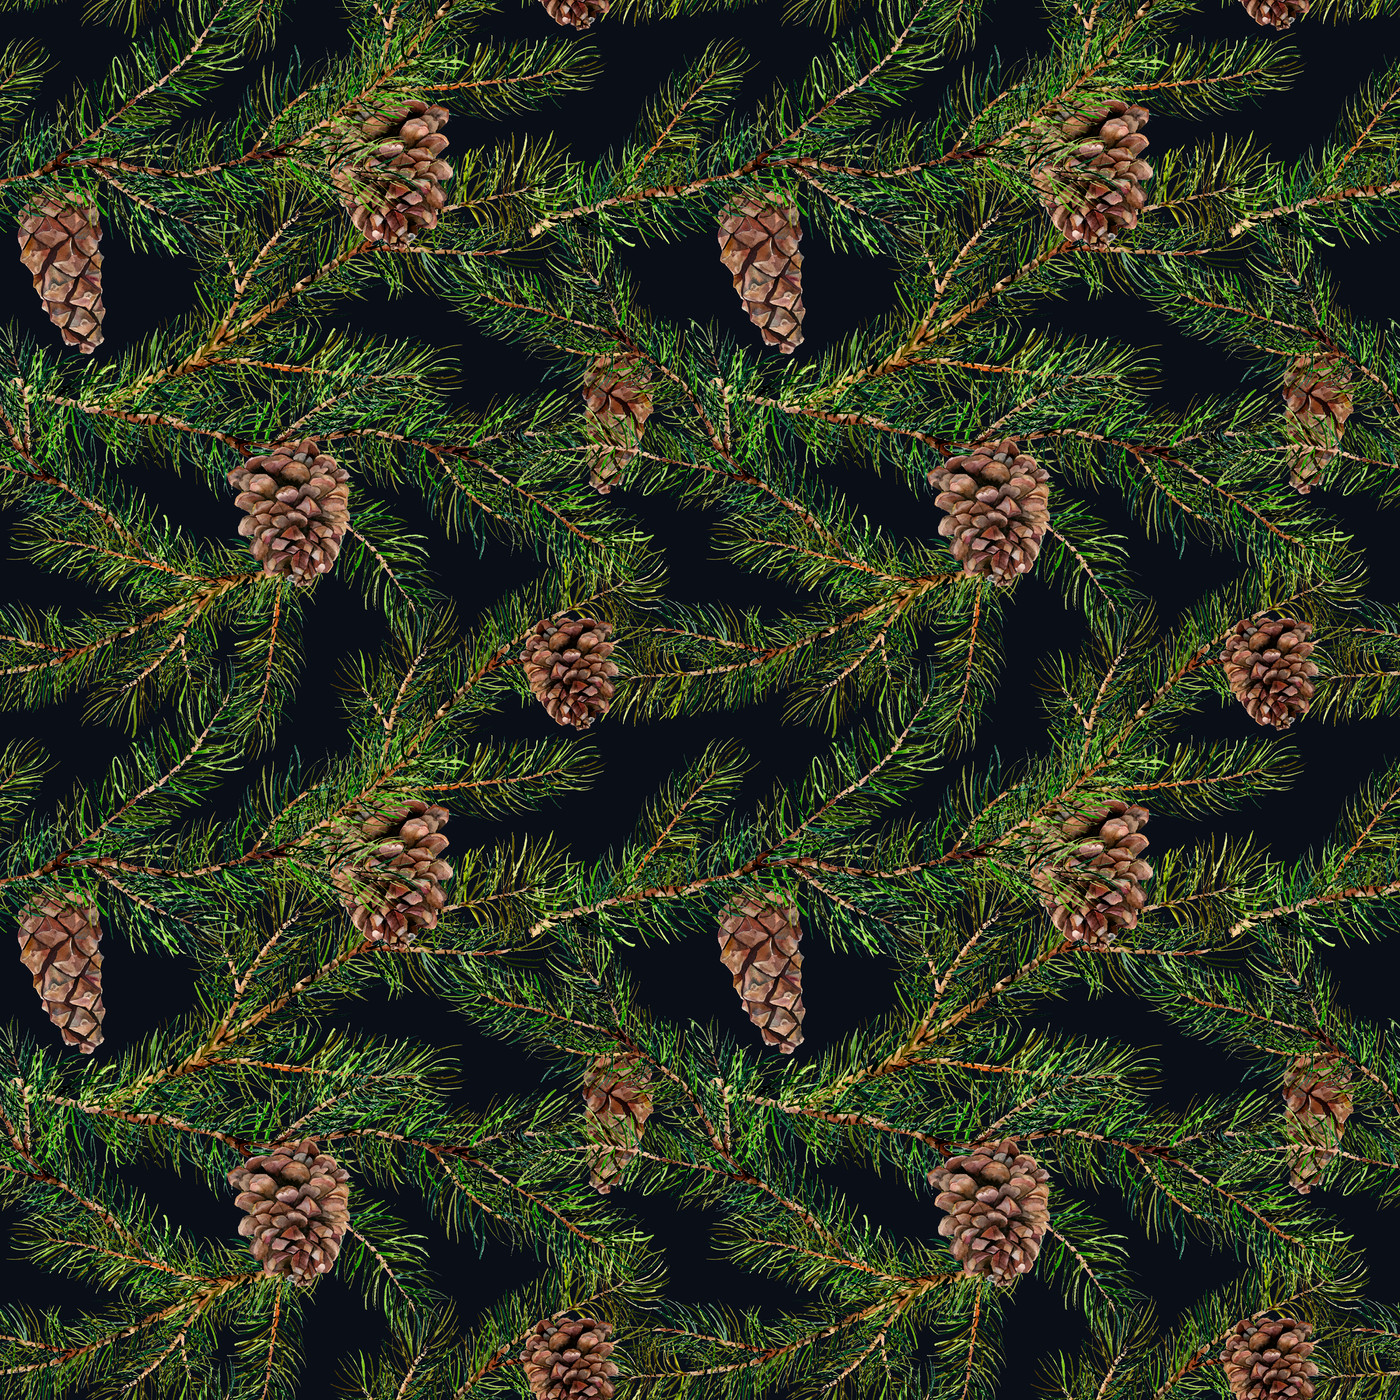 Christmastreepattern-vi.jpg